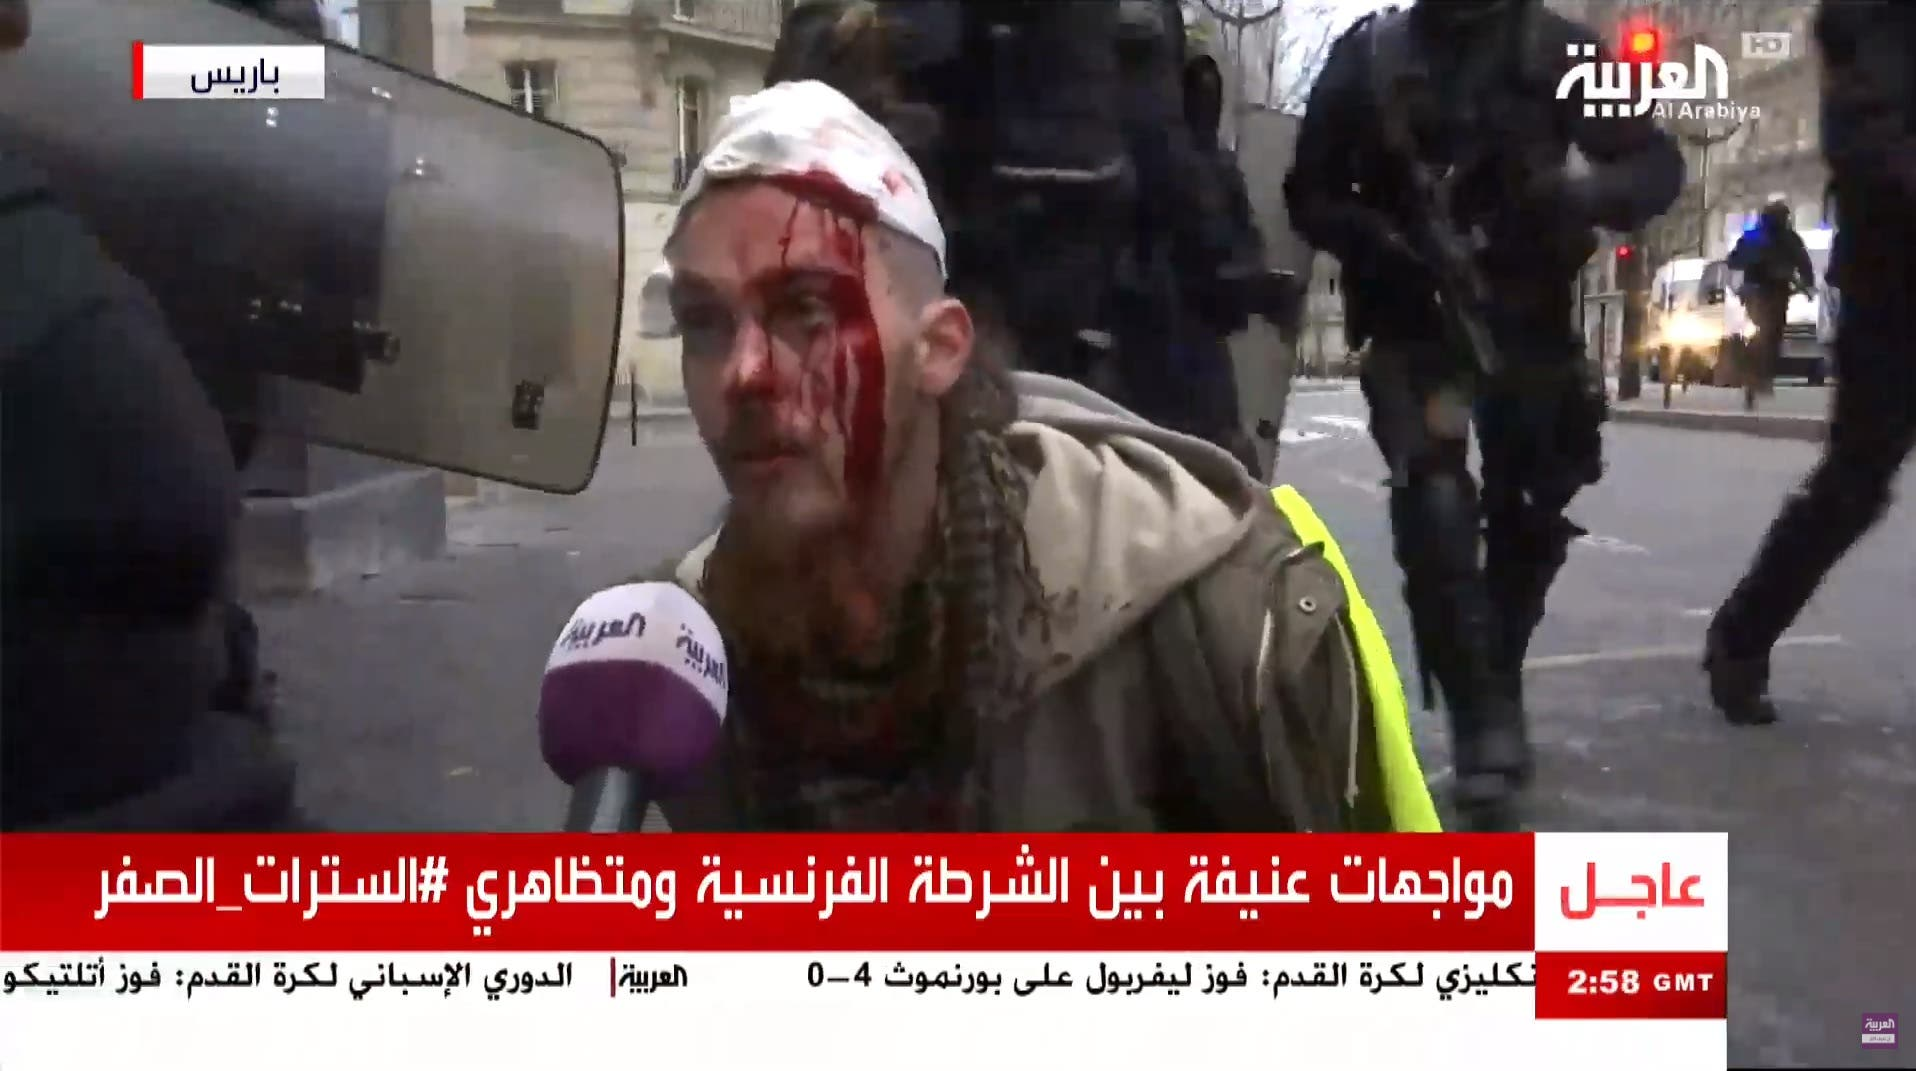 injured protesters paris Al Arabiya